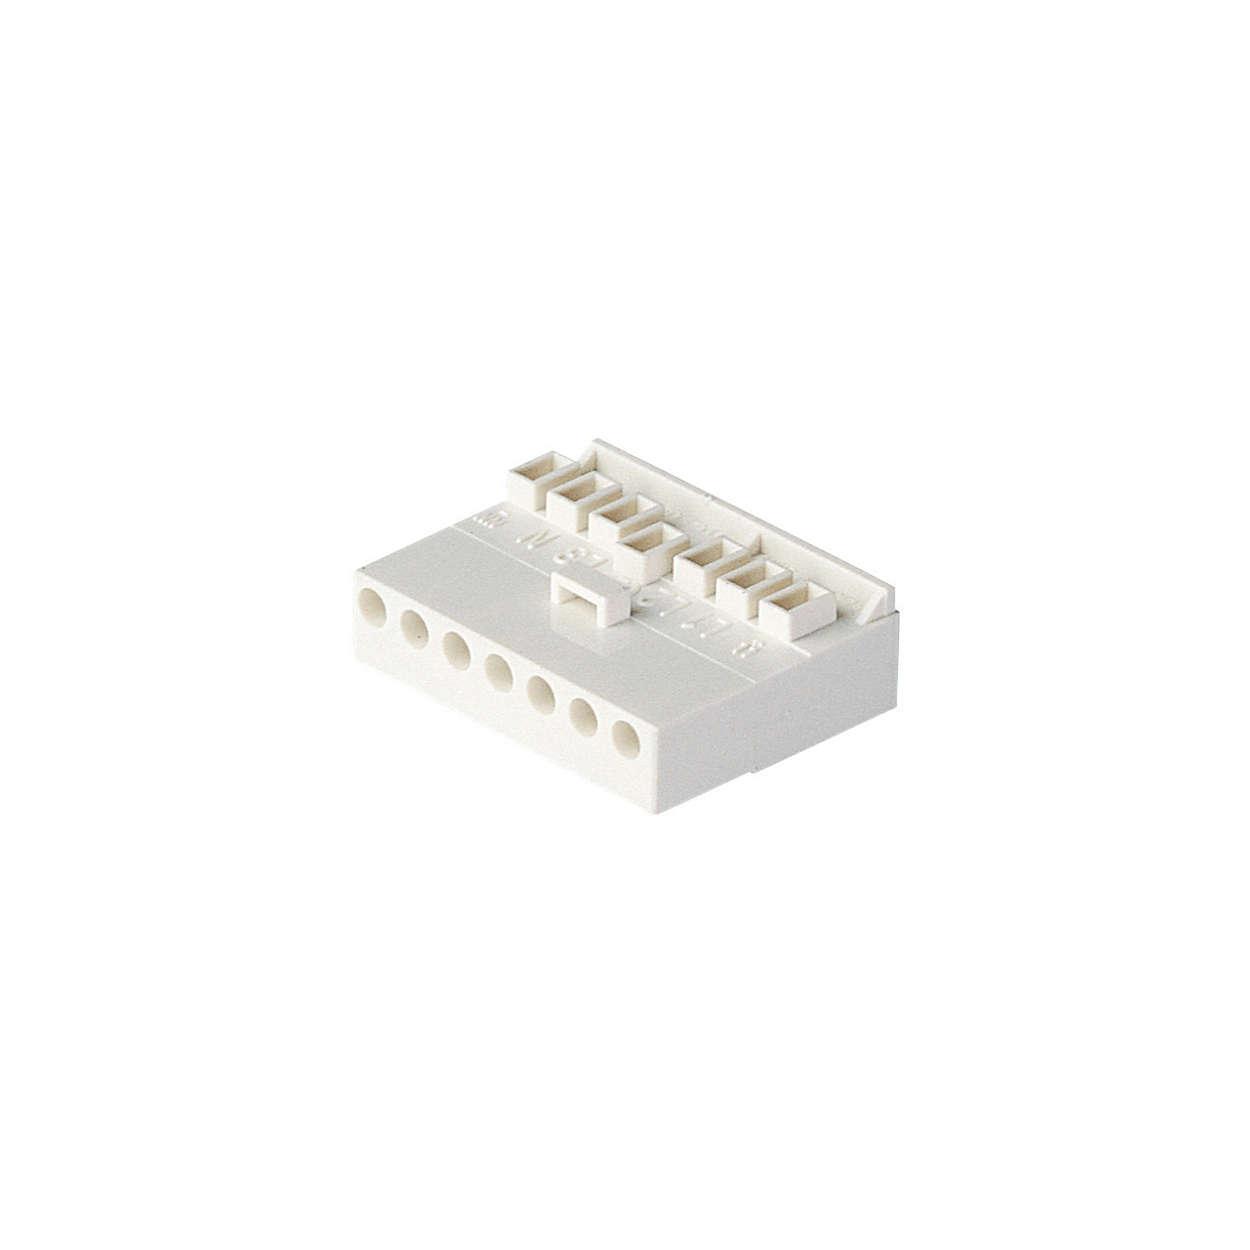 9MX056 TL-D / TL5 swivel device